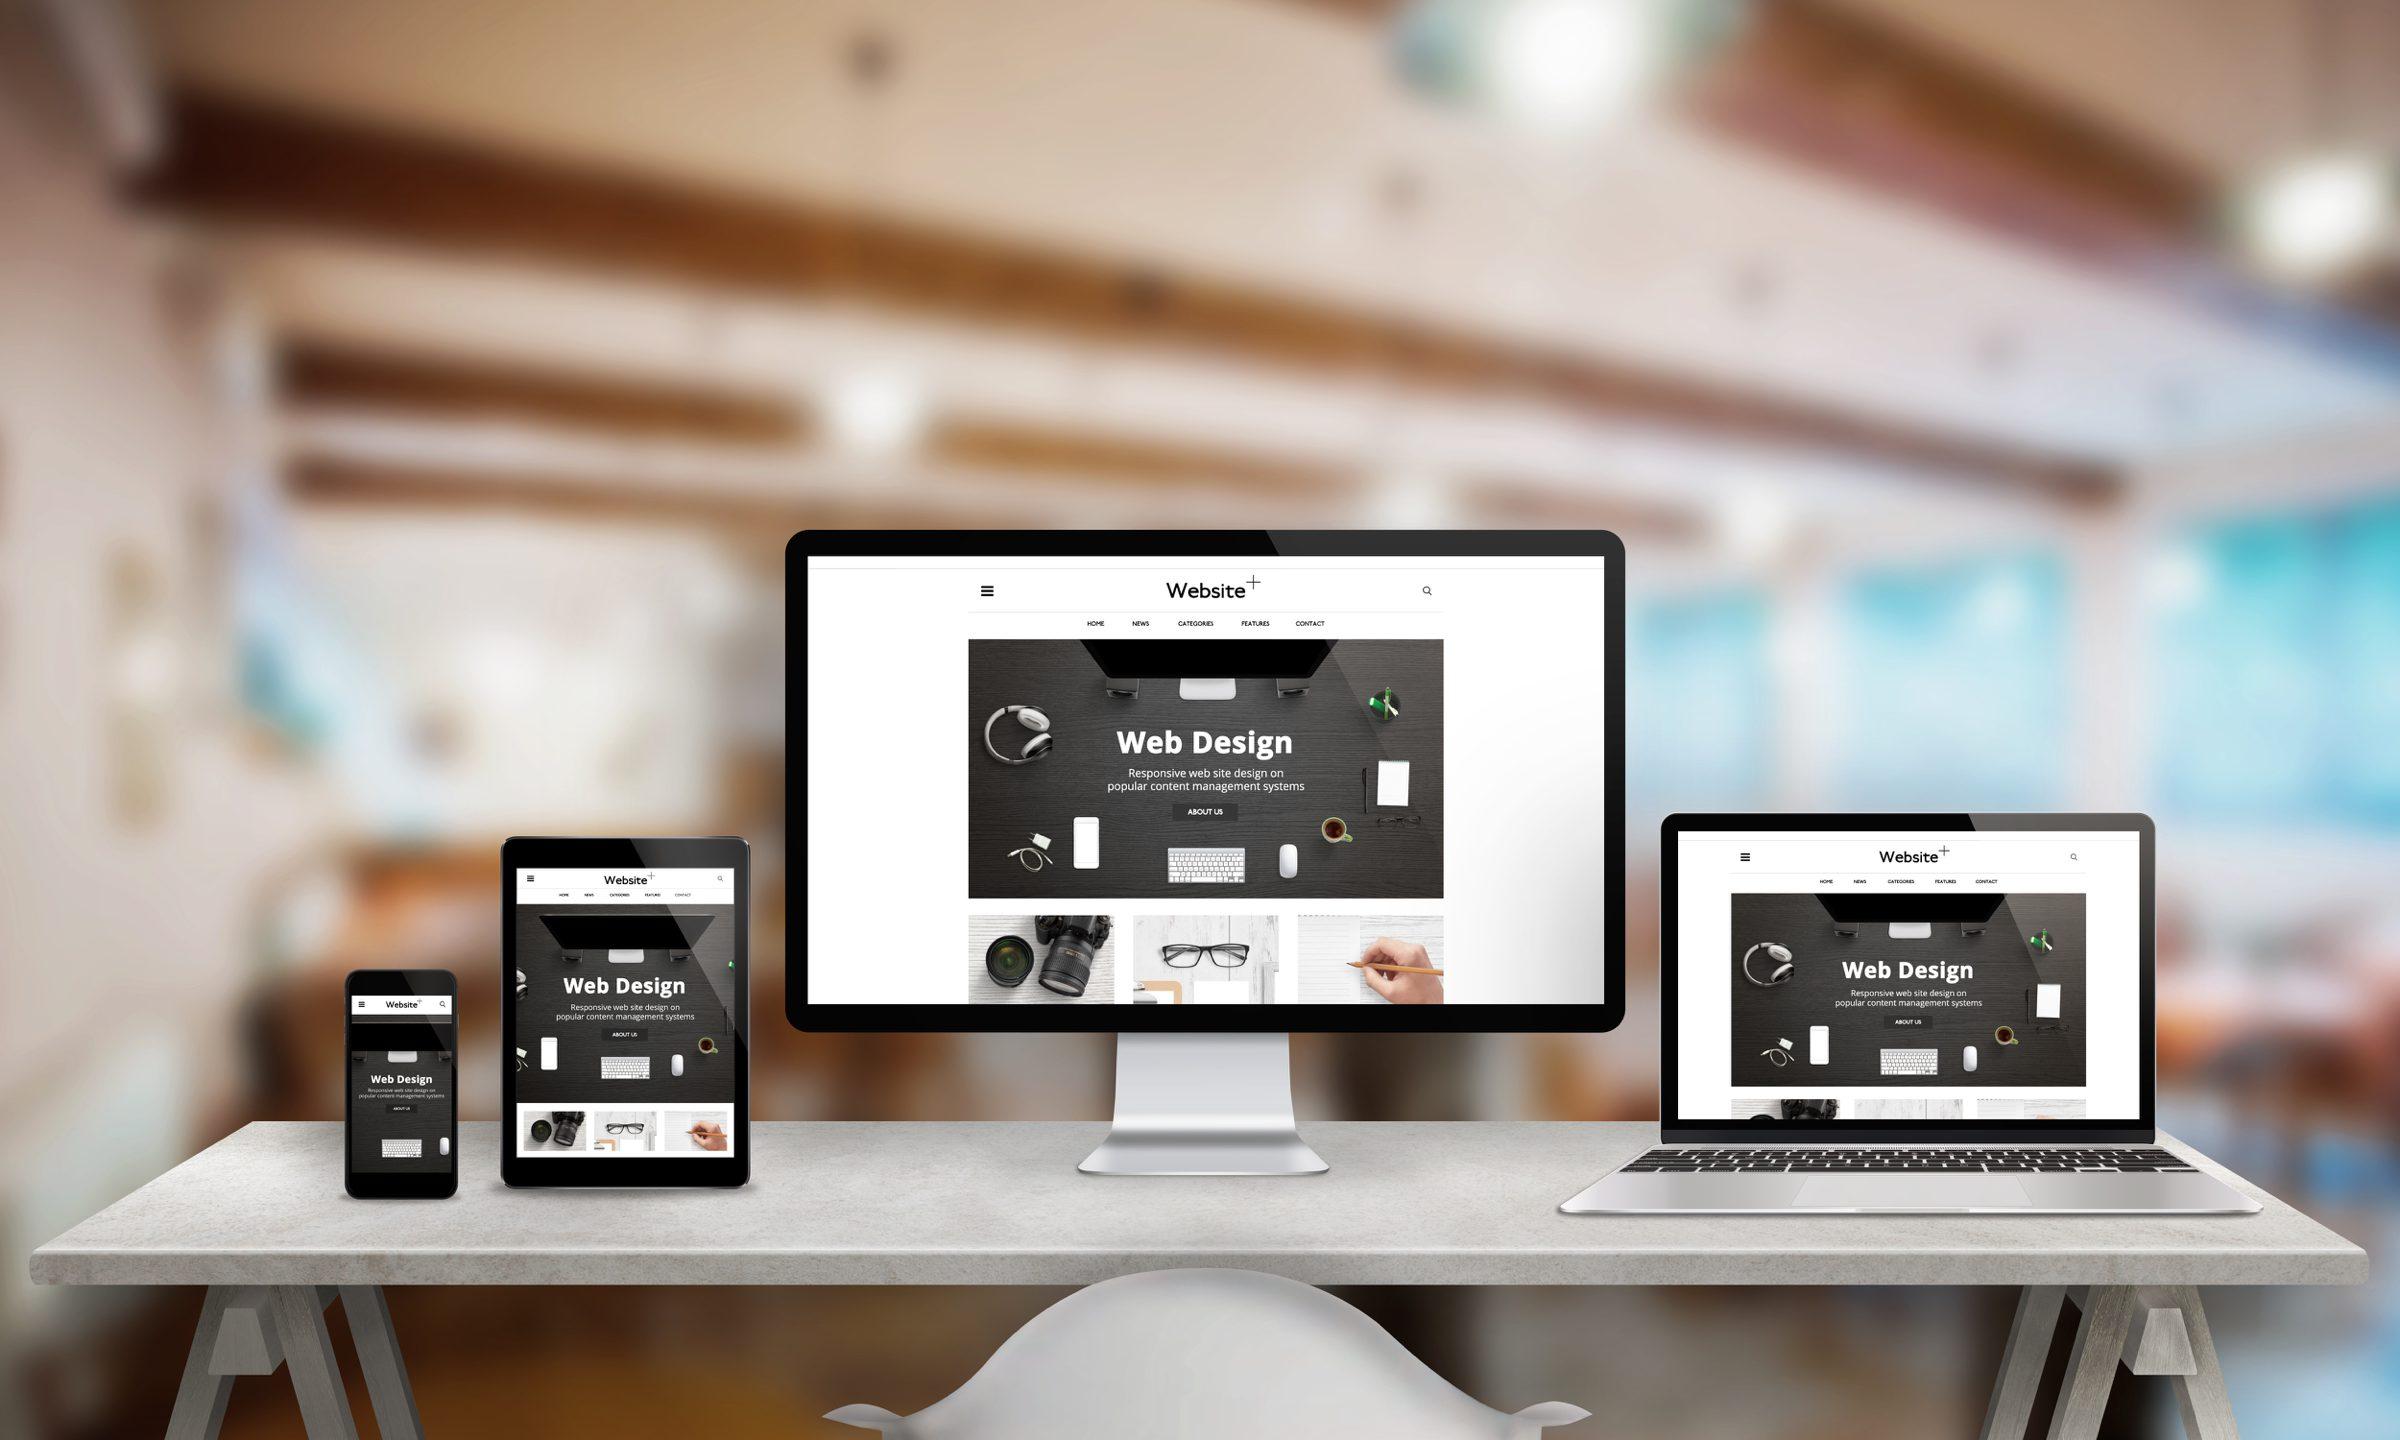 様々なデバイスに対応したwebデザイン